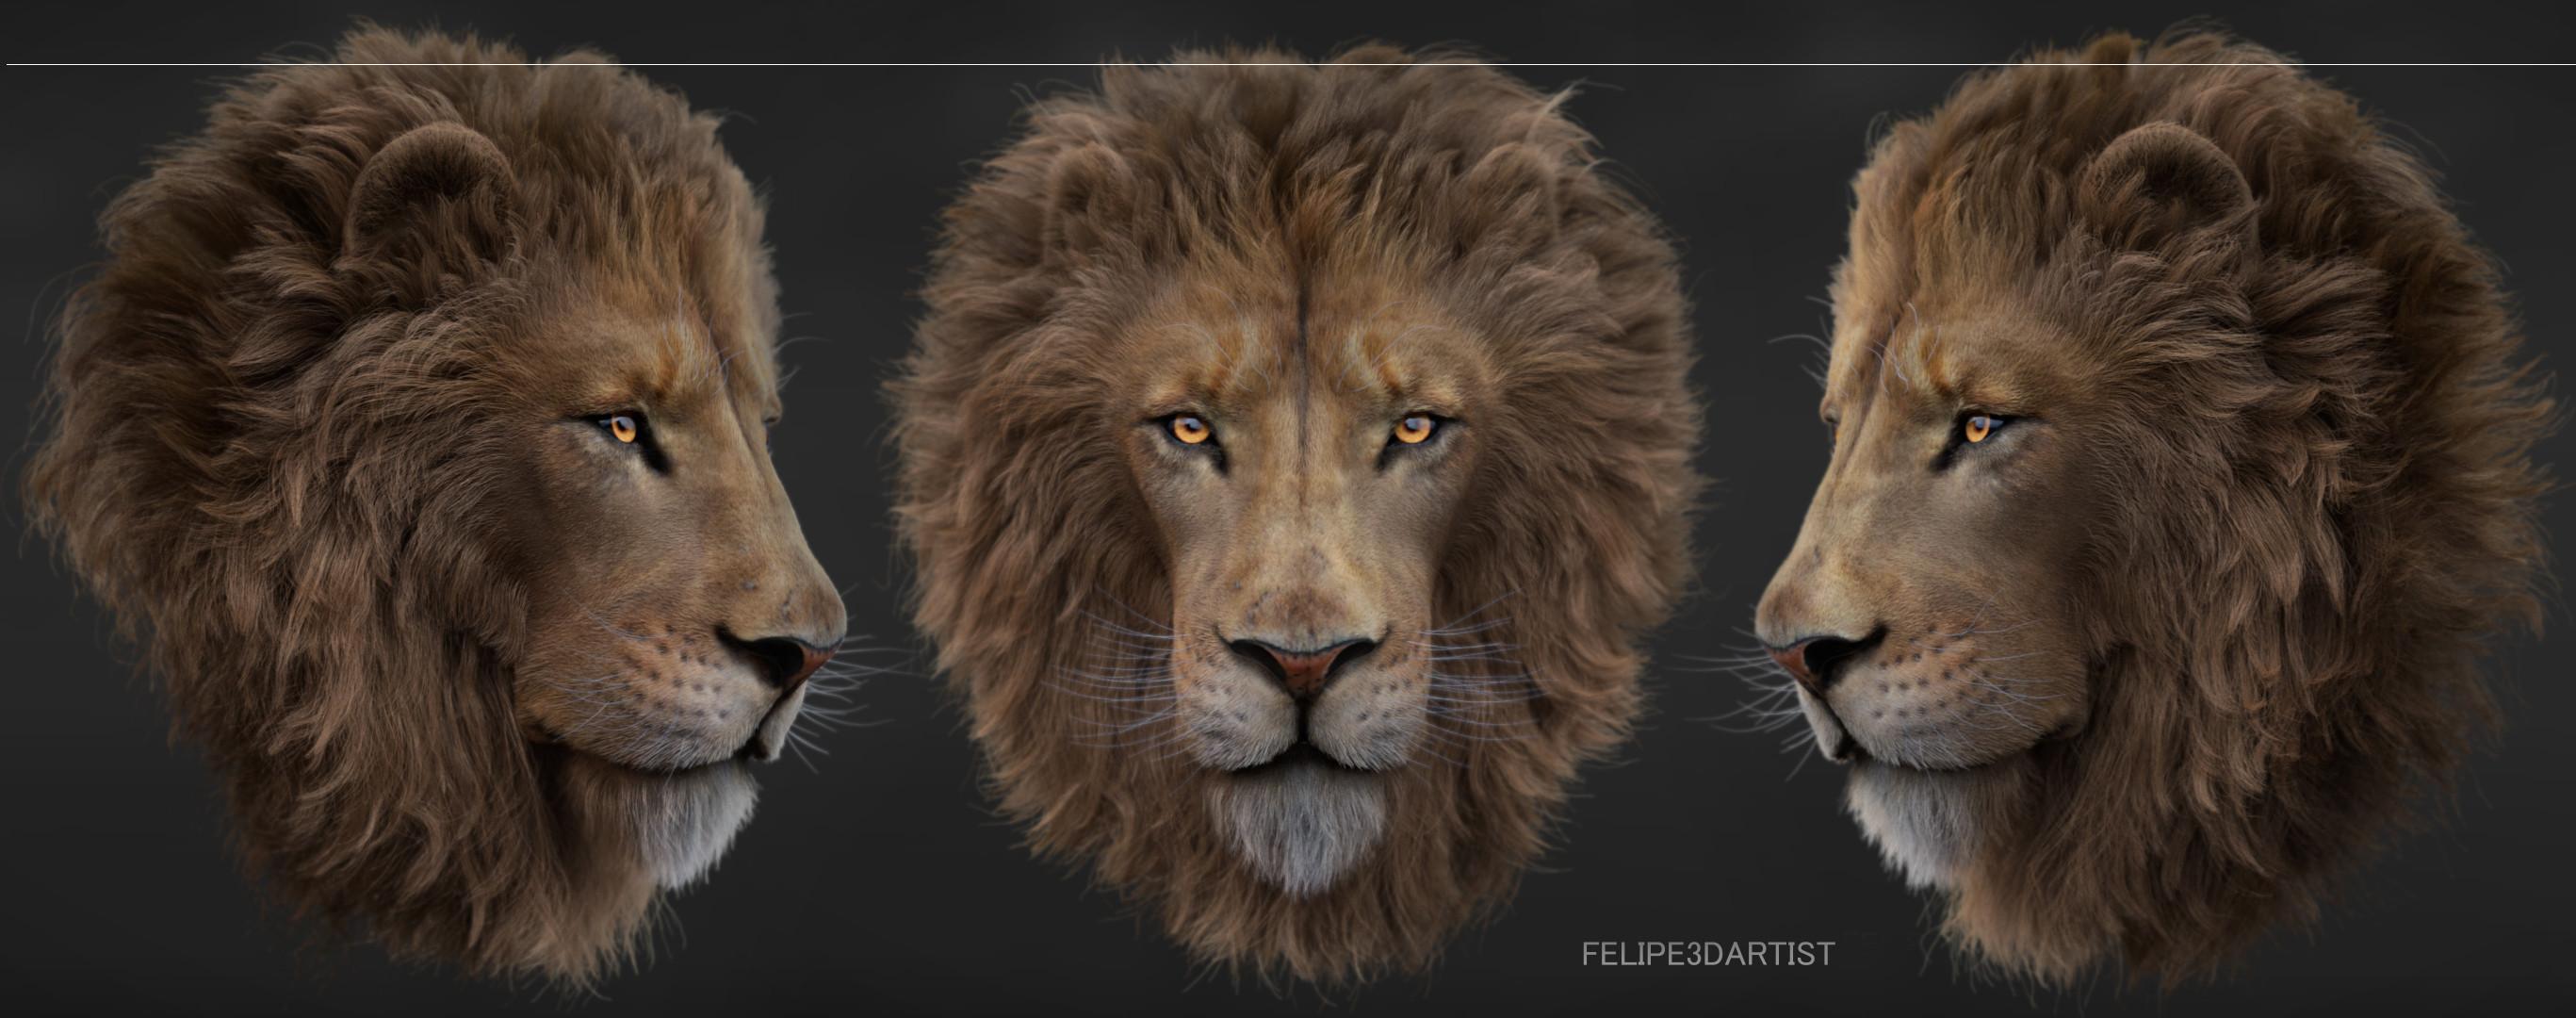 LION - XGEN - GROOM TD - FELIPE3DARTIST